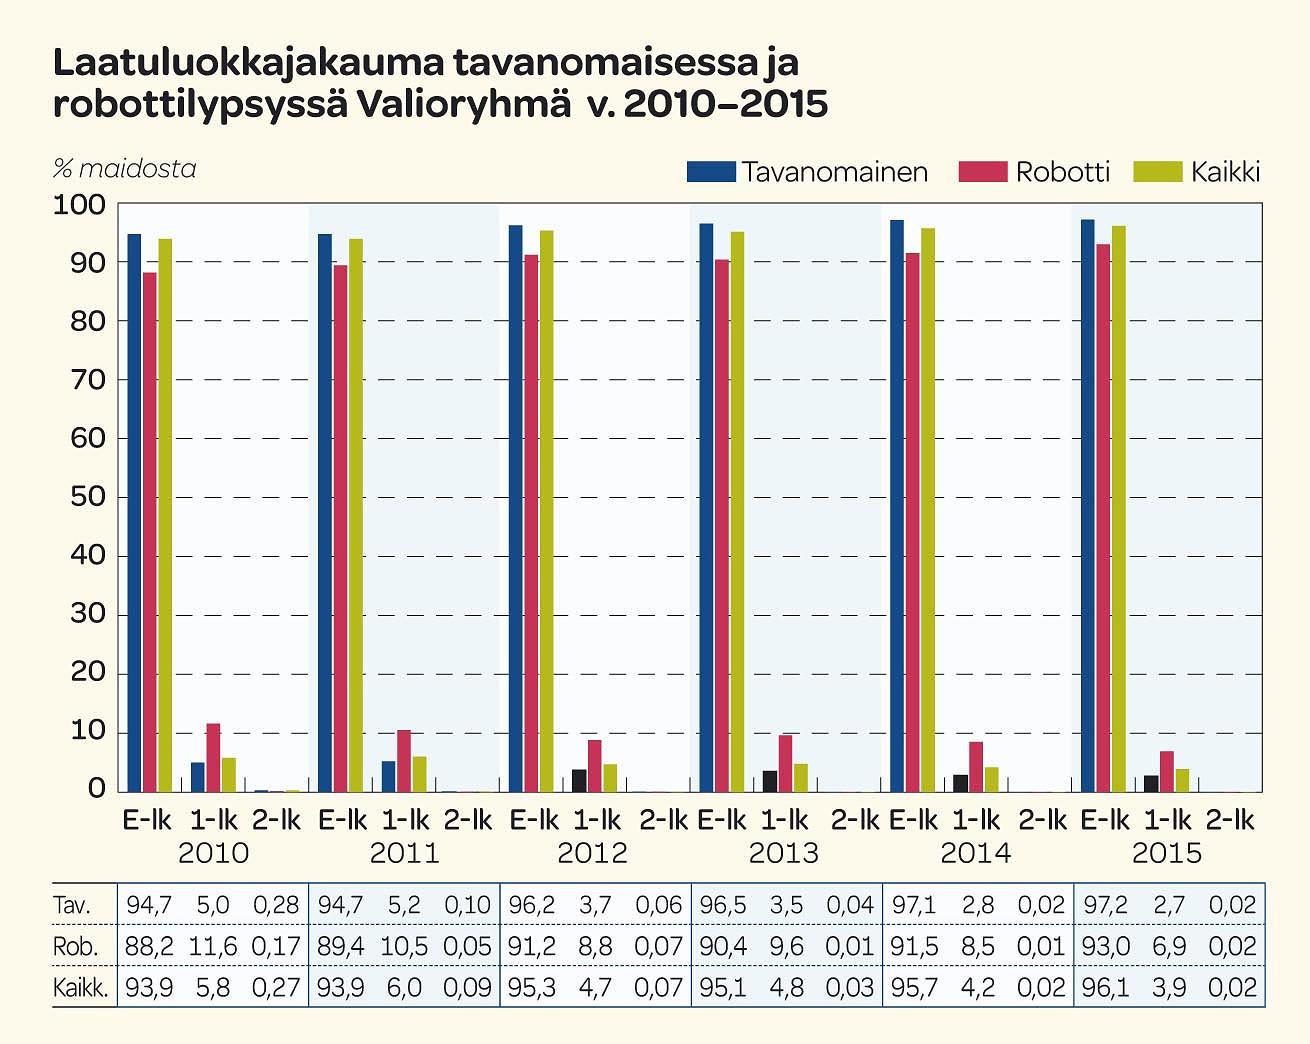 Laatuluokkajakauma tavanomaisessa ja robottilypsyssä Valioryhmä v.2010-2015